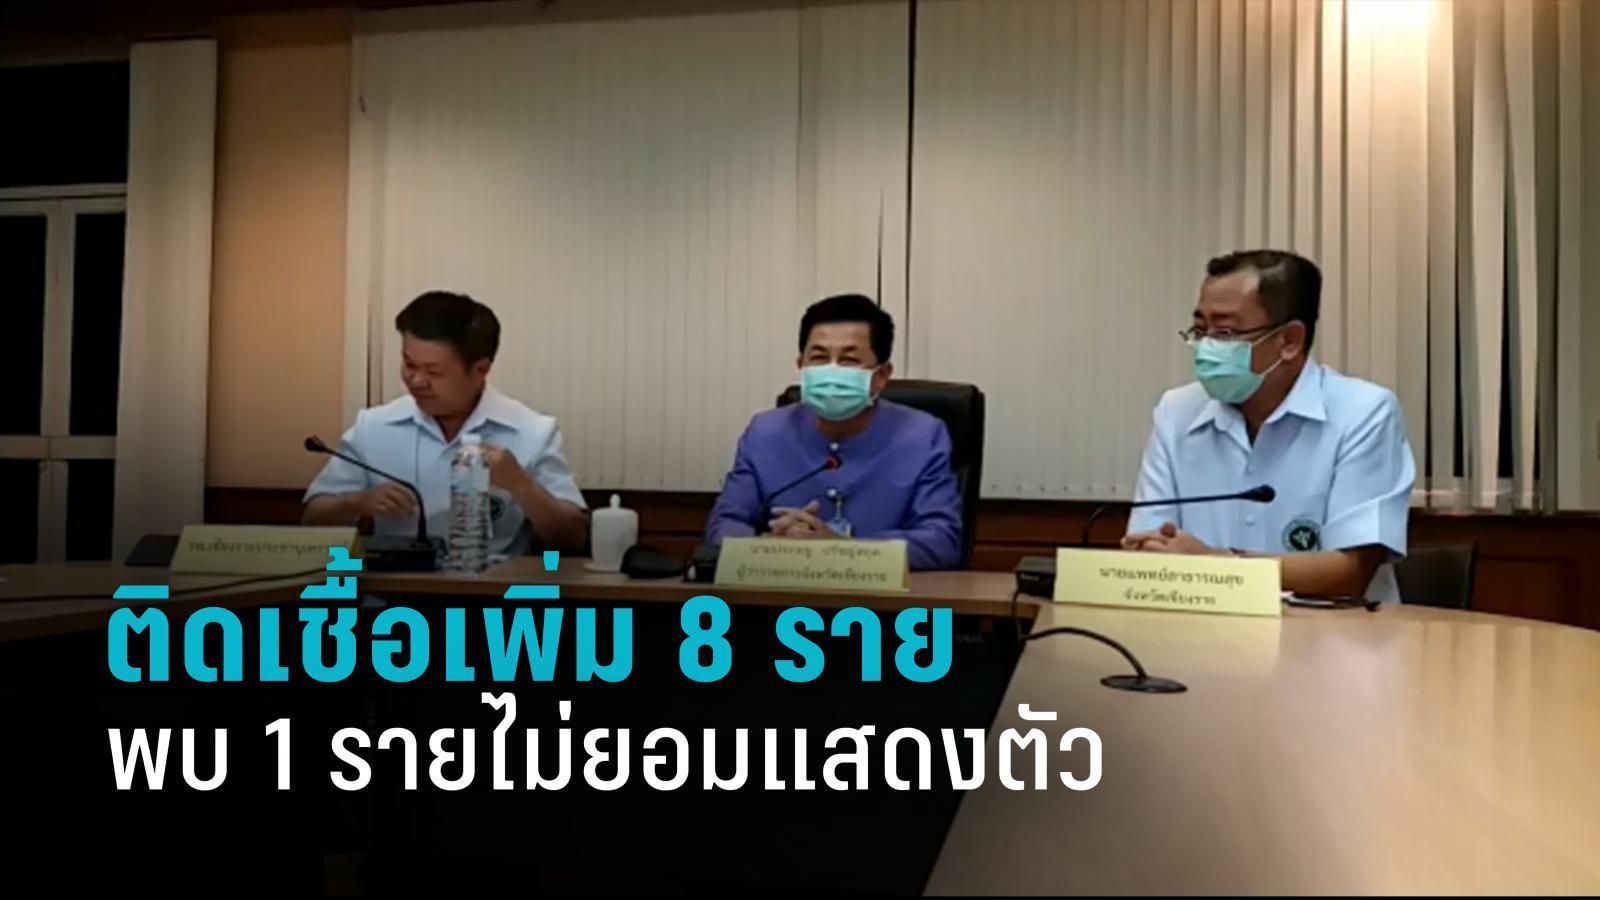 เชียงรายติดเชื้อ โควิด-19 เพิ่ม 8 ราย พบ 1 รายลอบเข้าไทยไม่ยอมแสดงตัว